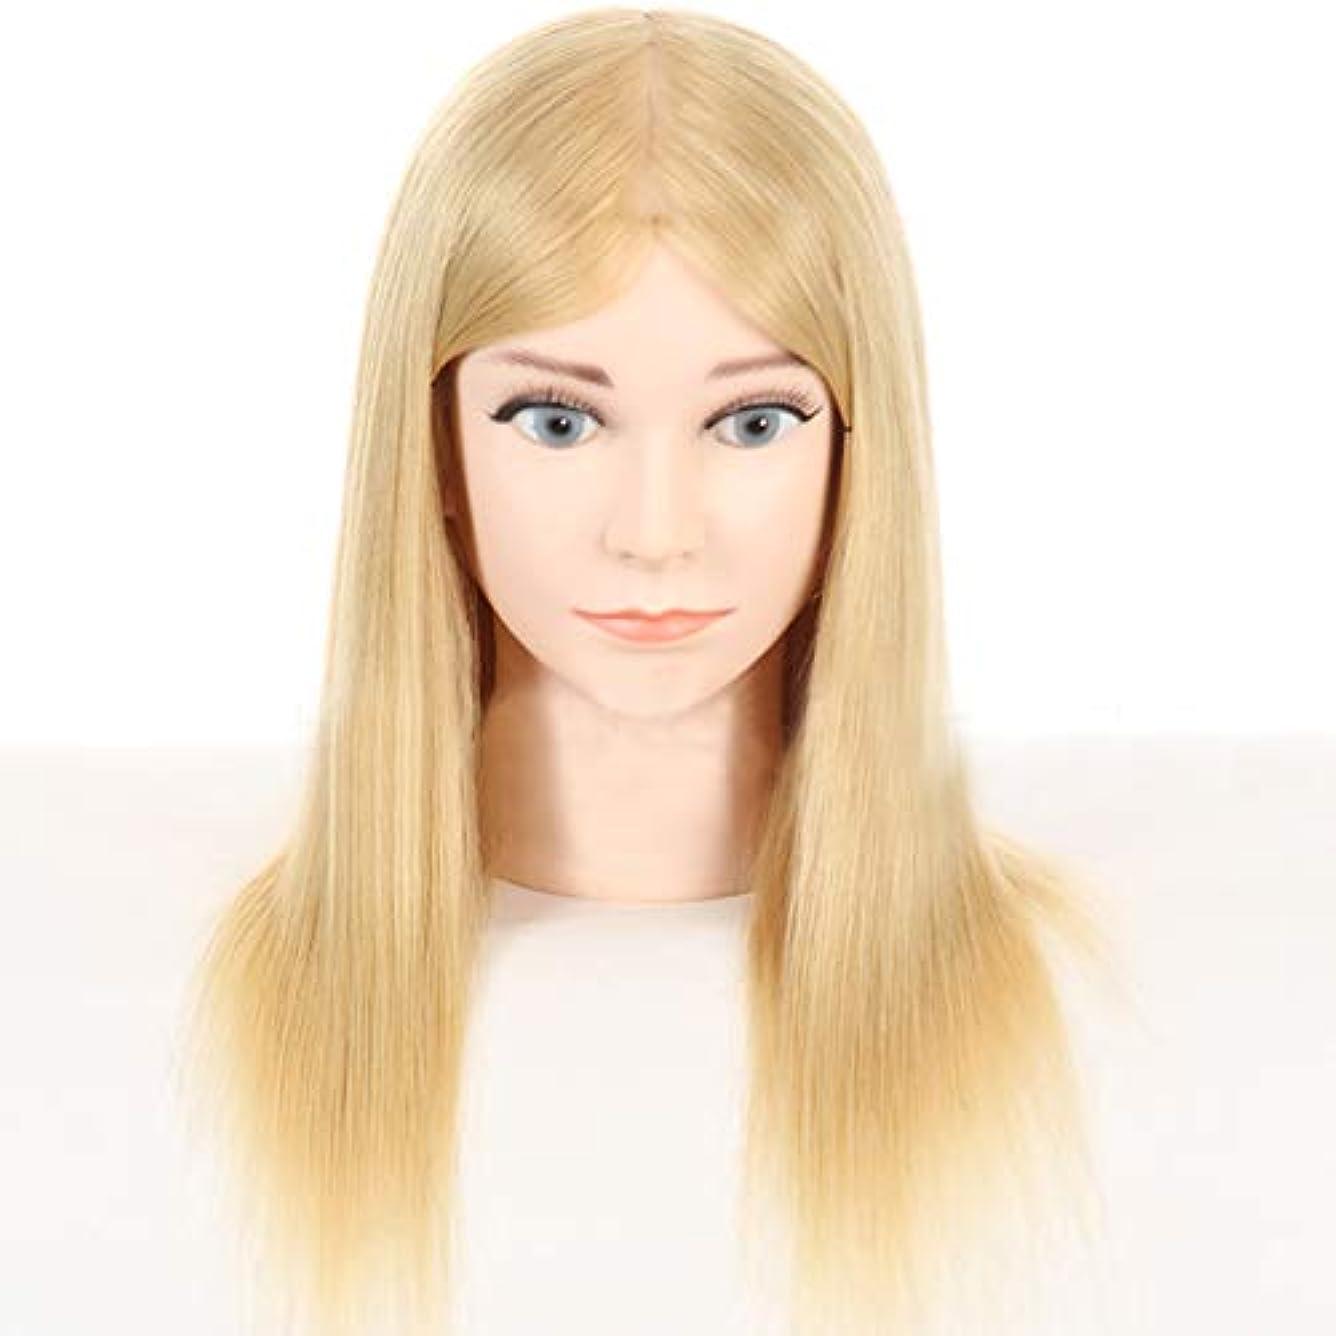 クランプけん引鏡本物の人間の髪のかつらの頭の金型の理髪の髪型のスタイリングマネキンの頭の理髪店の練習の練習ダミーヘッド